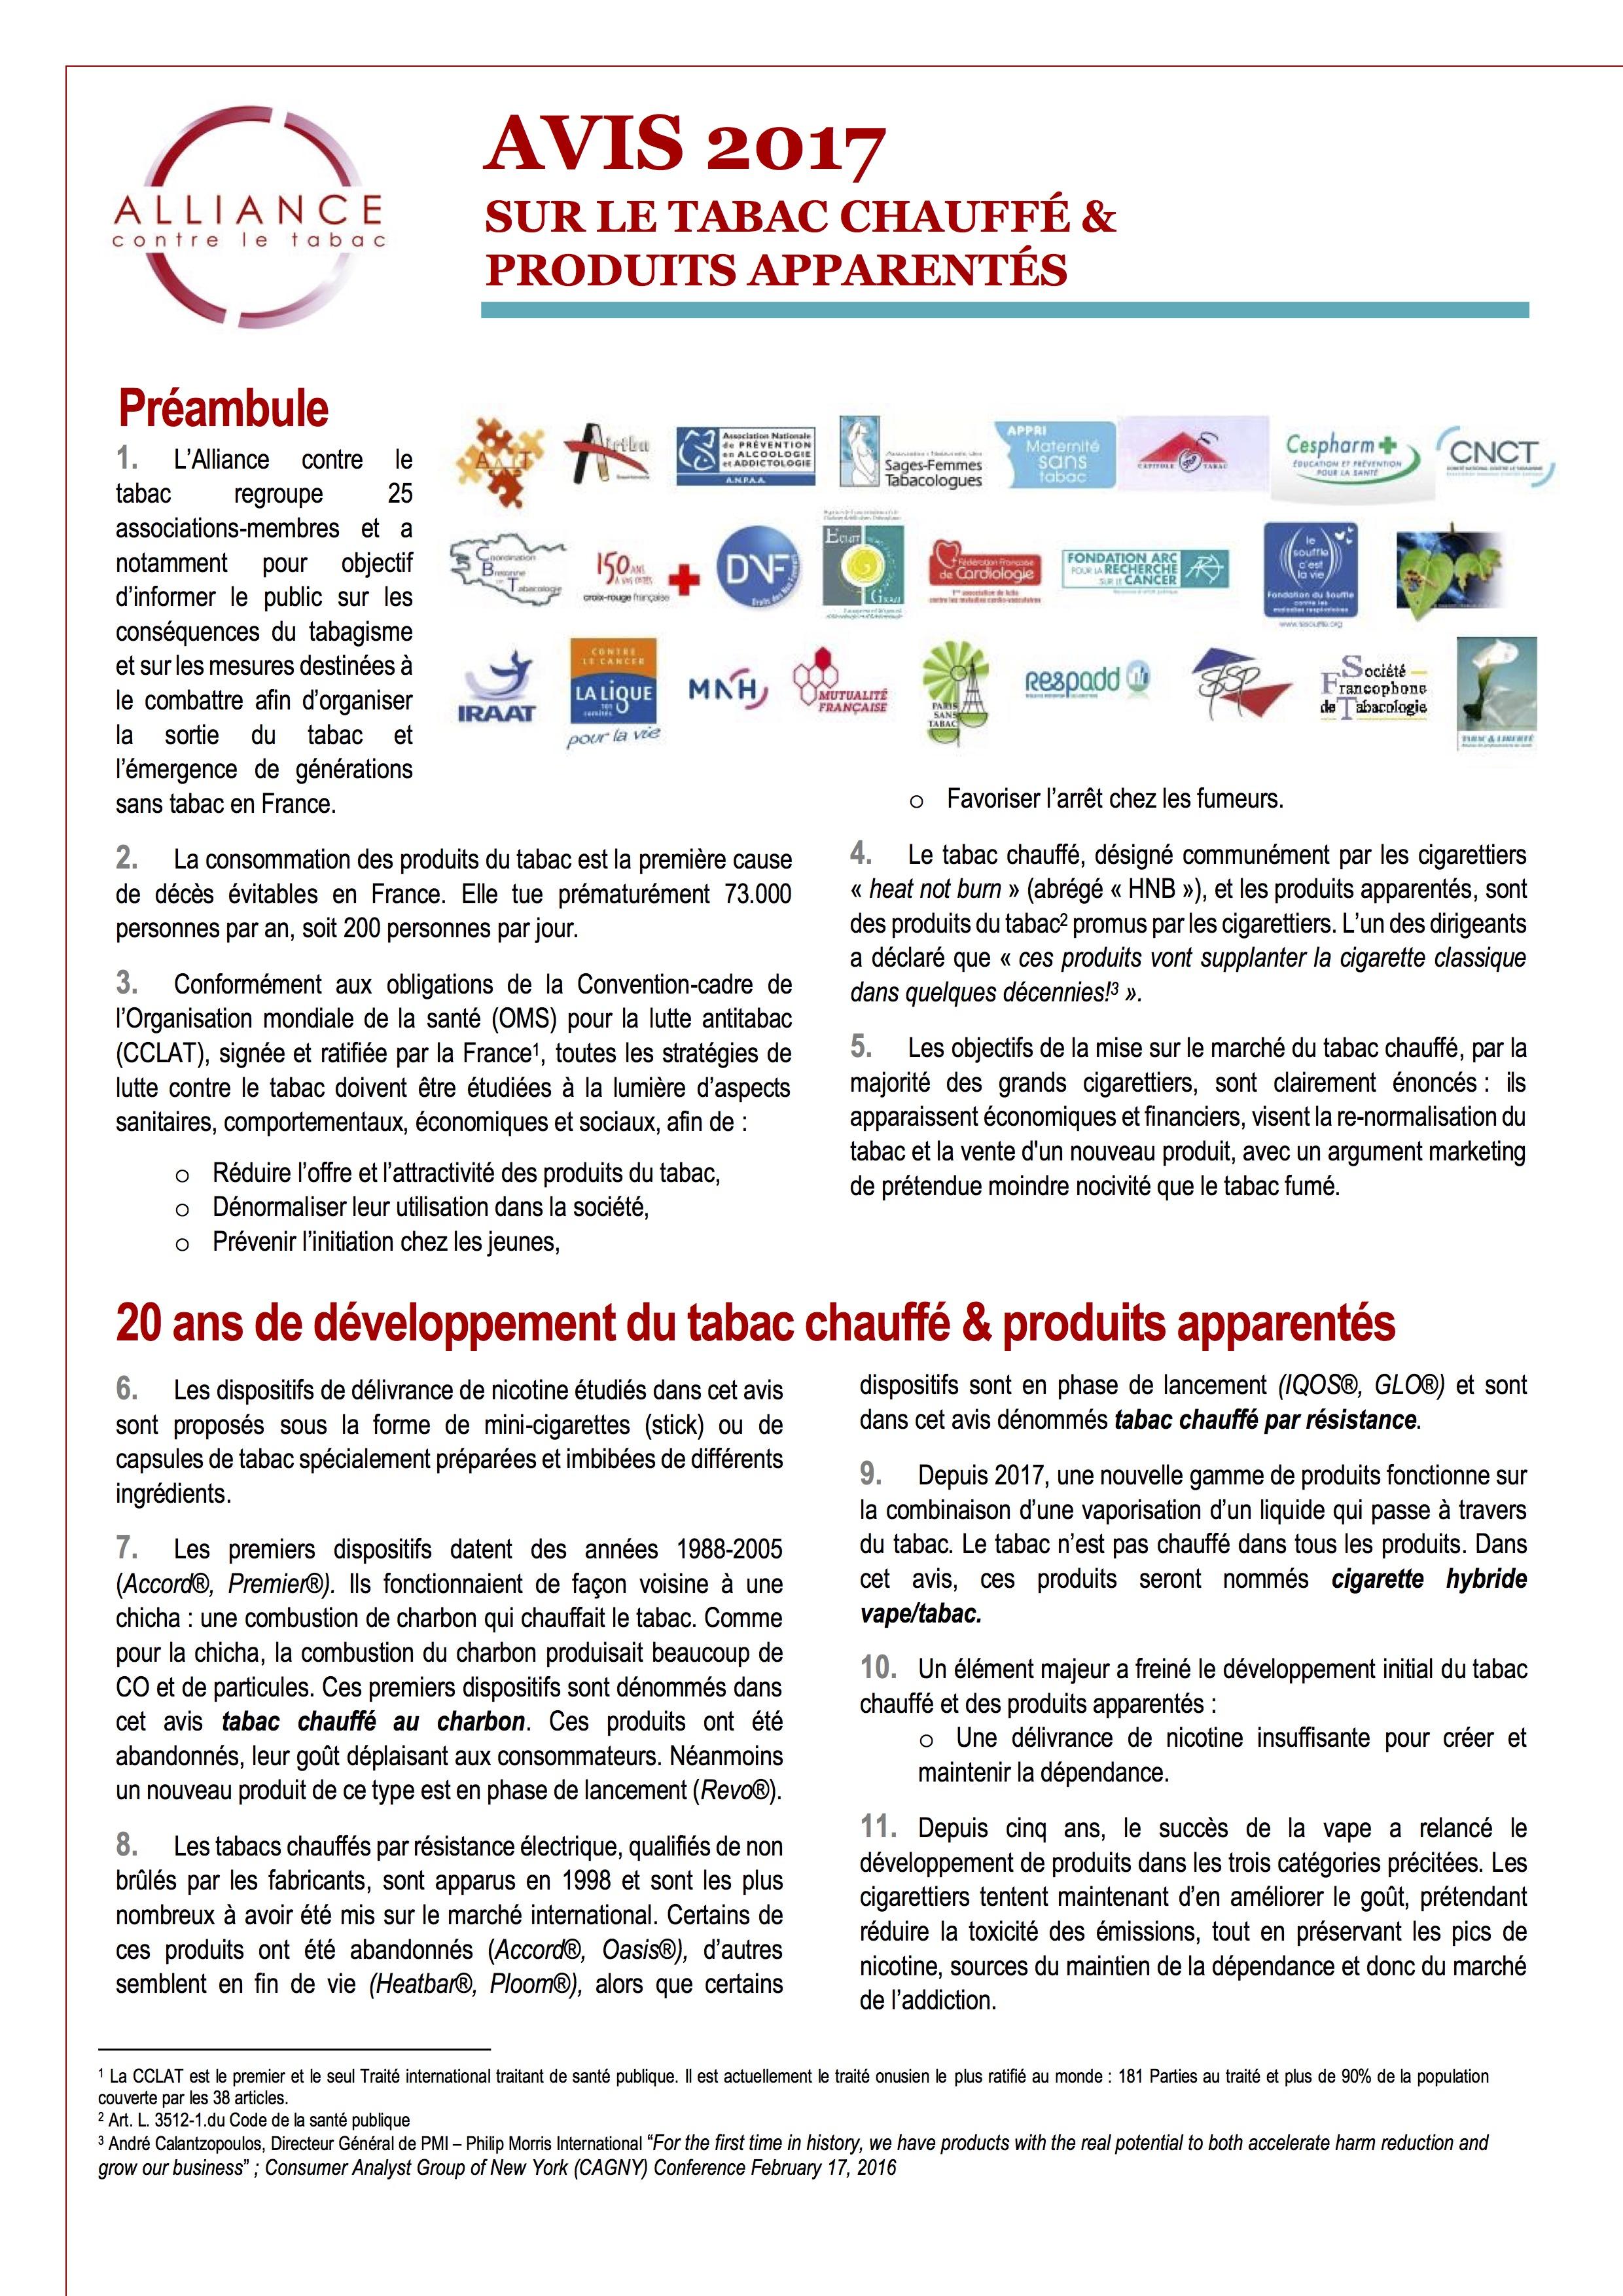 Avis - Alliance contre le Tabac - Tabc chauffé & produits apparentés - Novembre 2017.jpg